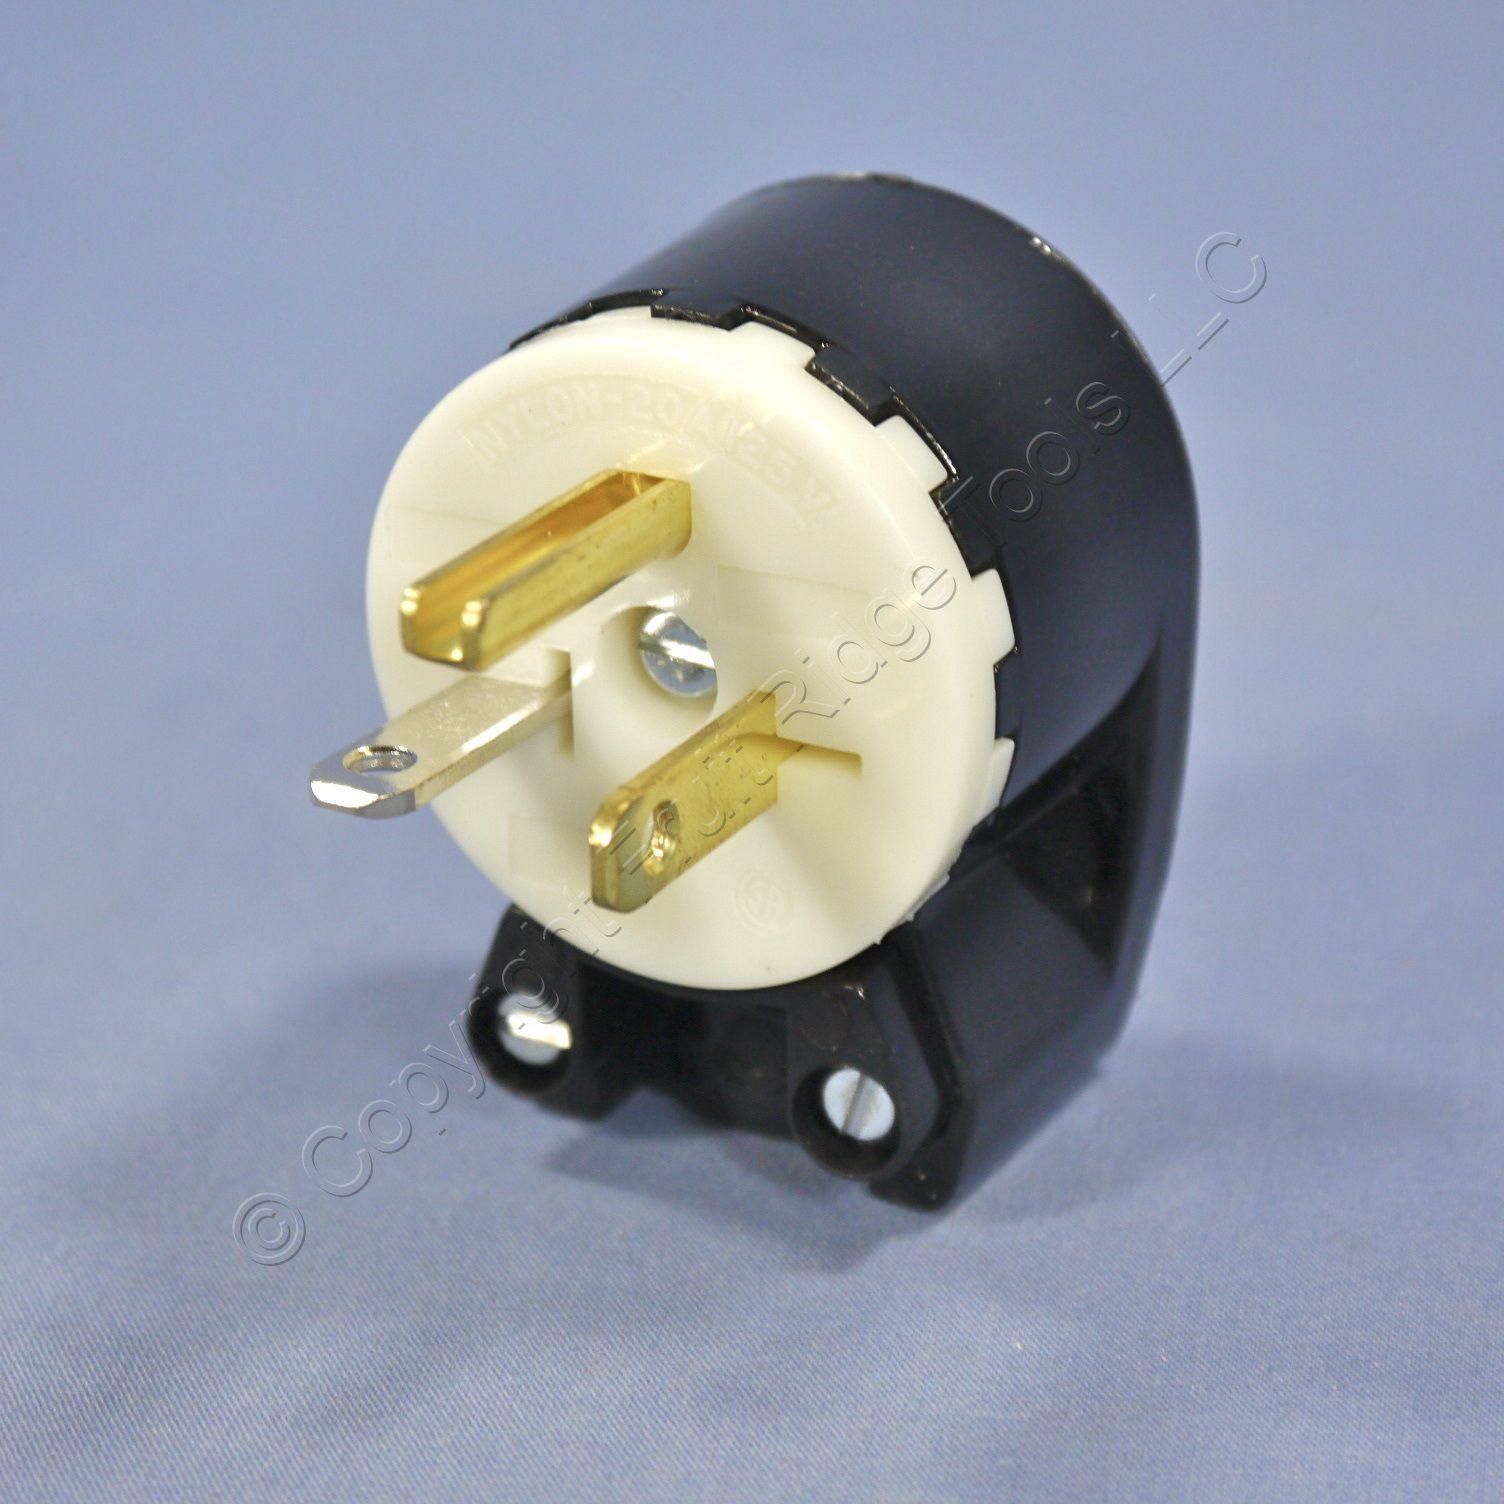 Bryant Black INDUSTRIAL Straight Blade ANGLED Plug NEMA 5-20P 5-20 20A 125V 5395